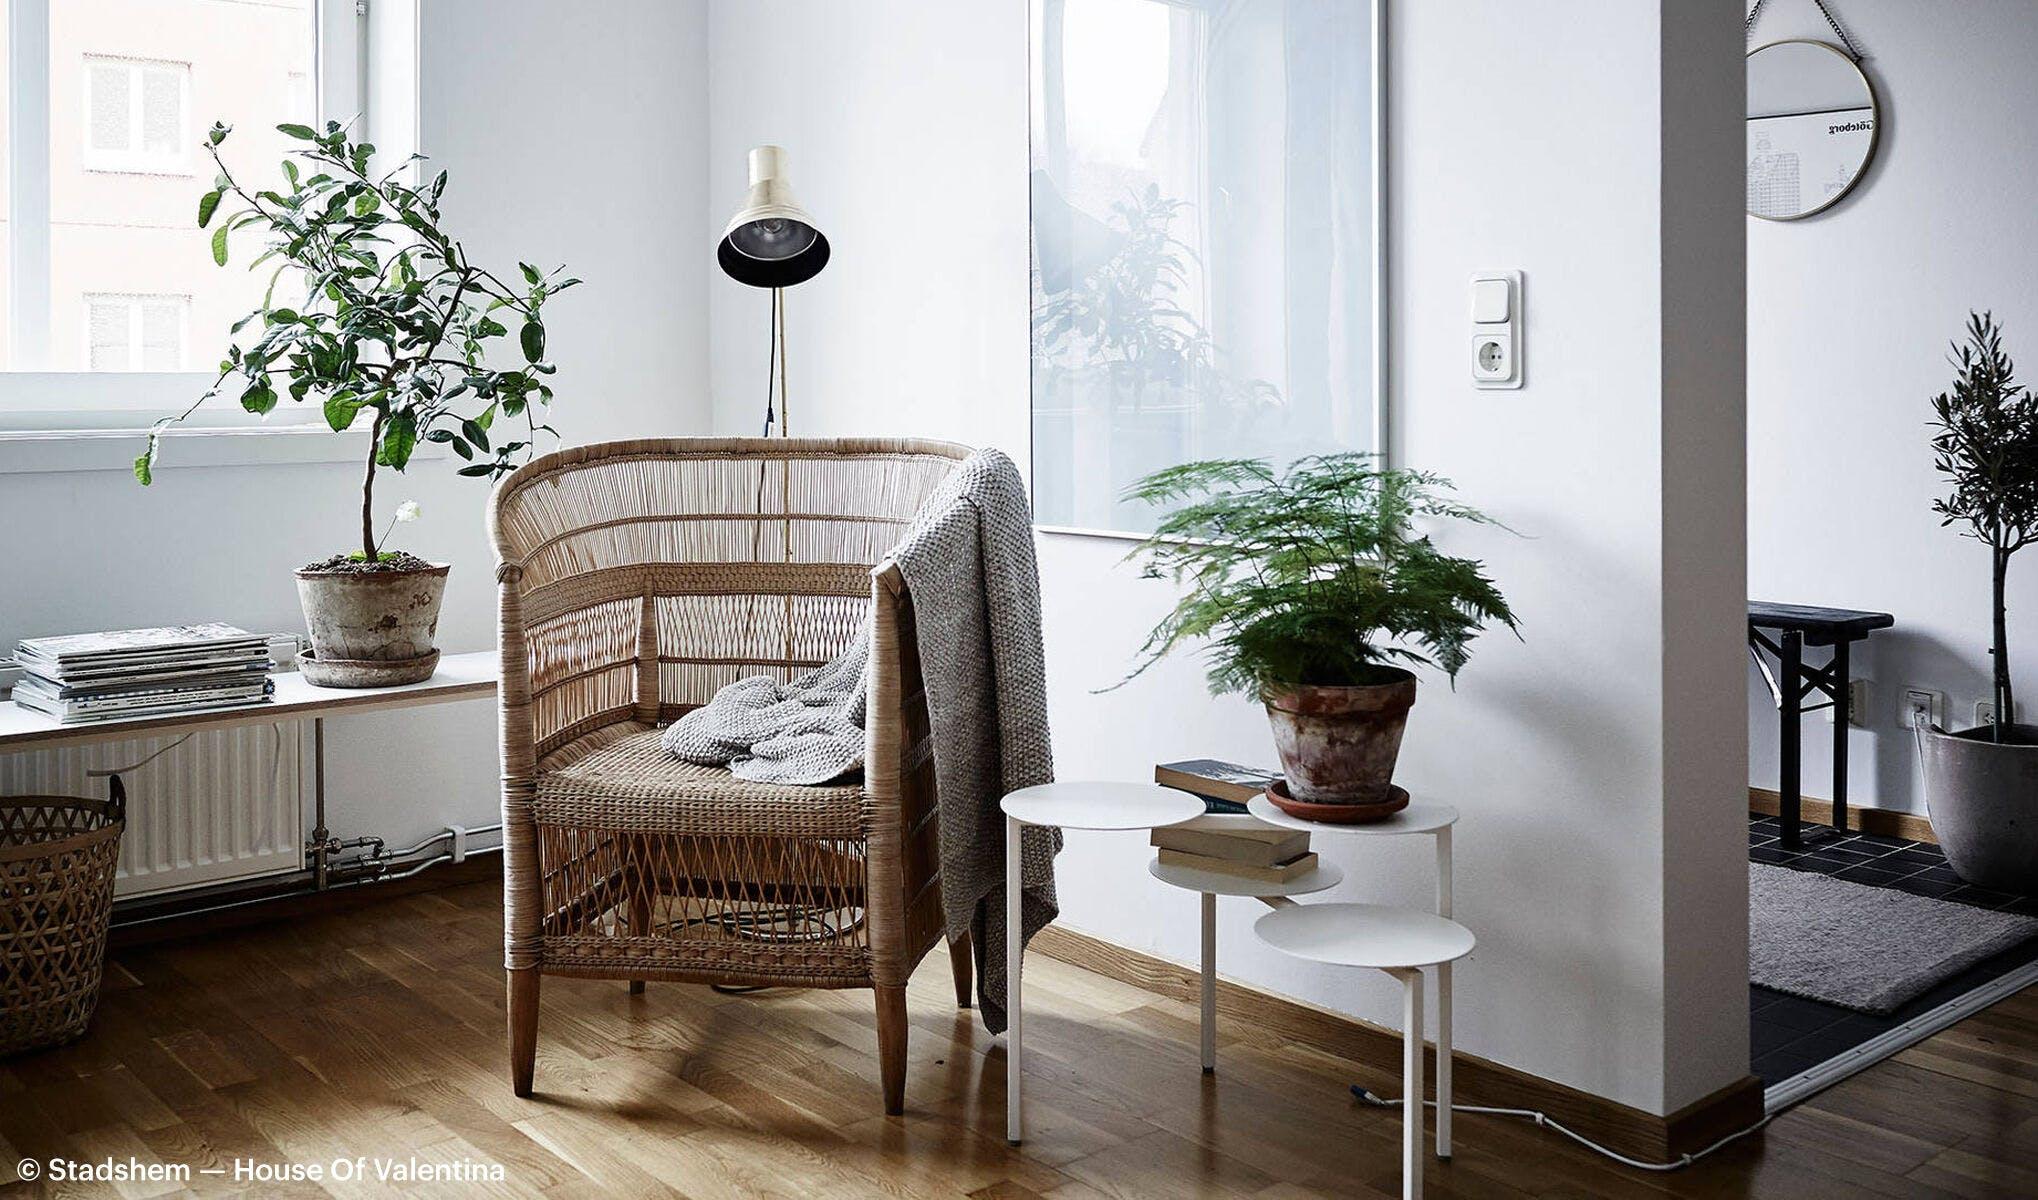 Brocante En Ligne Selency sélection de meubles et objets décoratifs bons plans